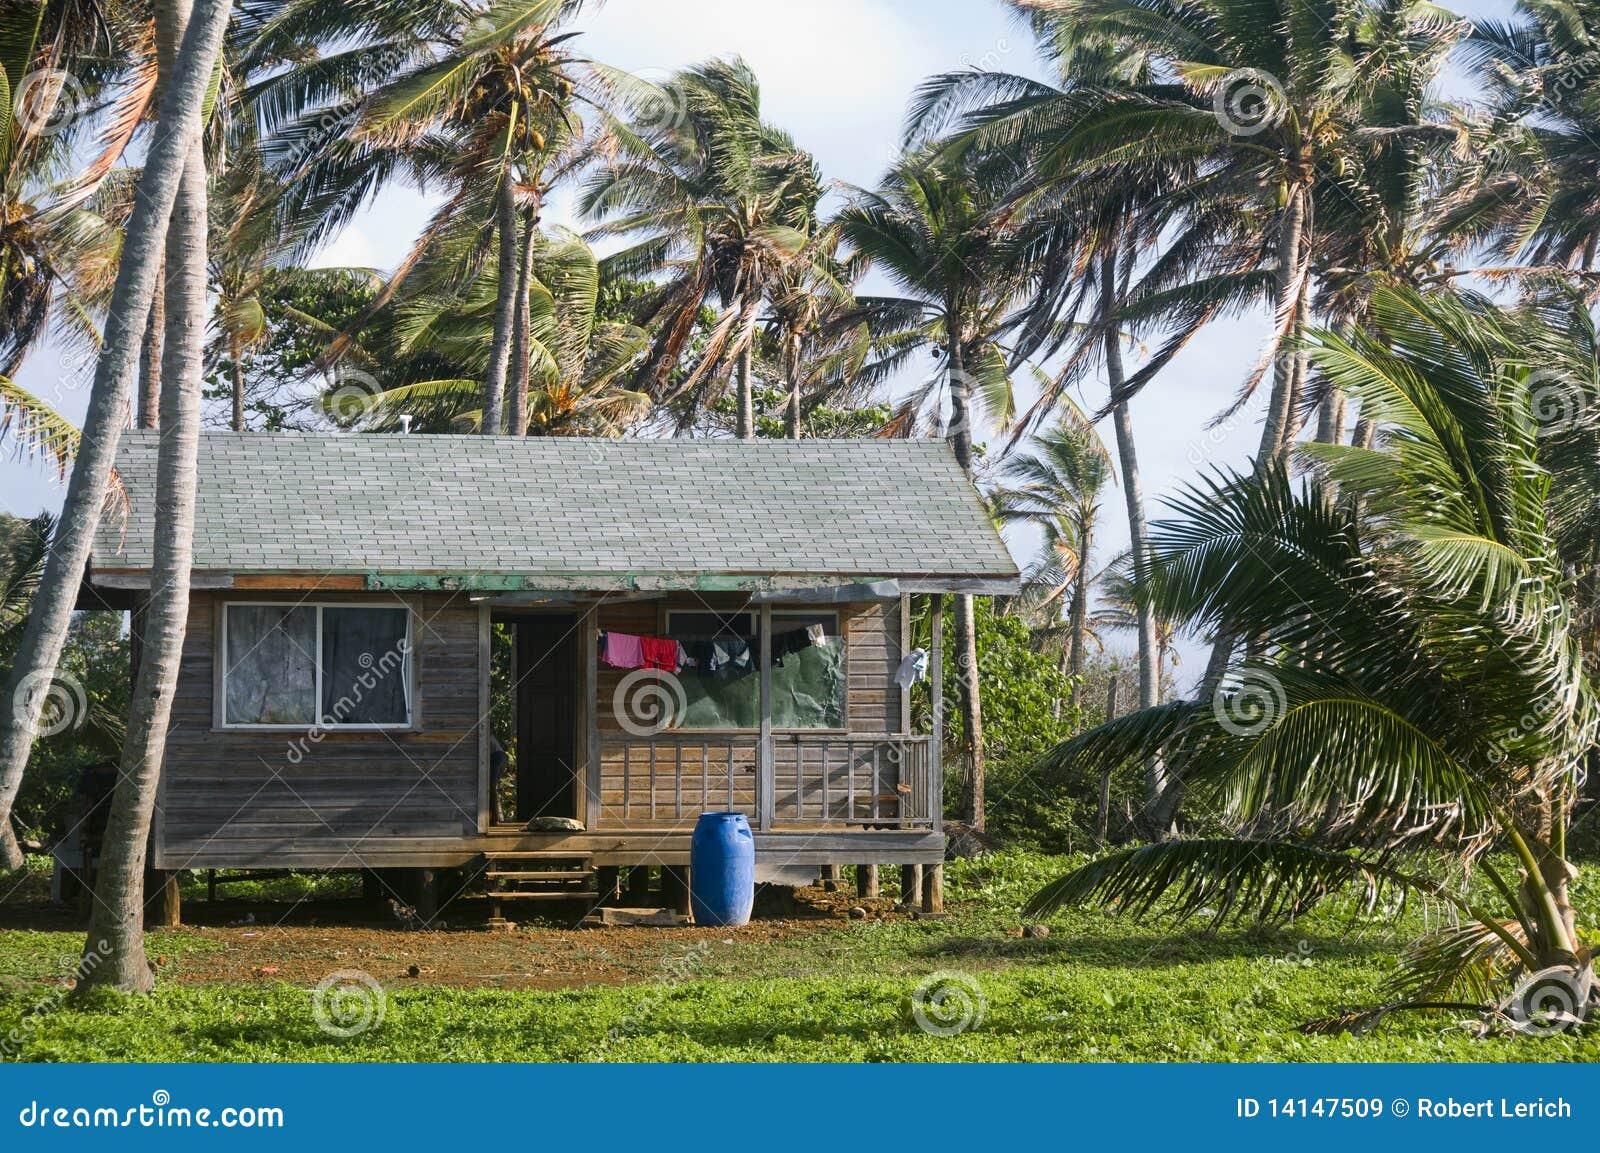 Cabana house with palm trees nicaragua